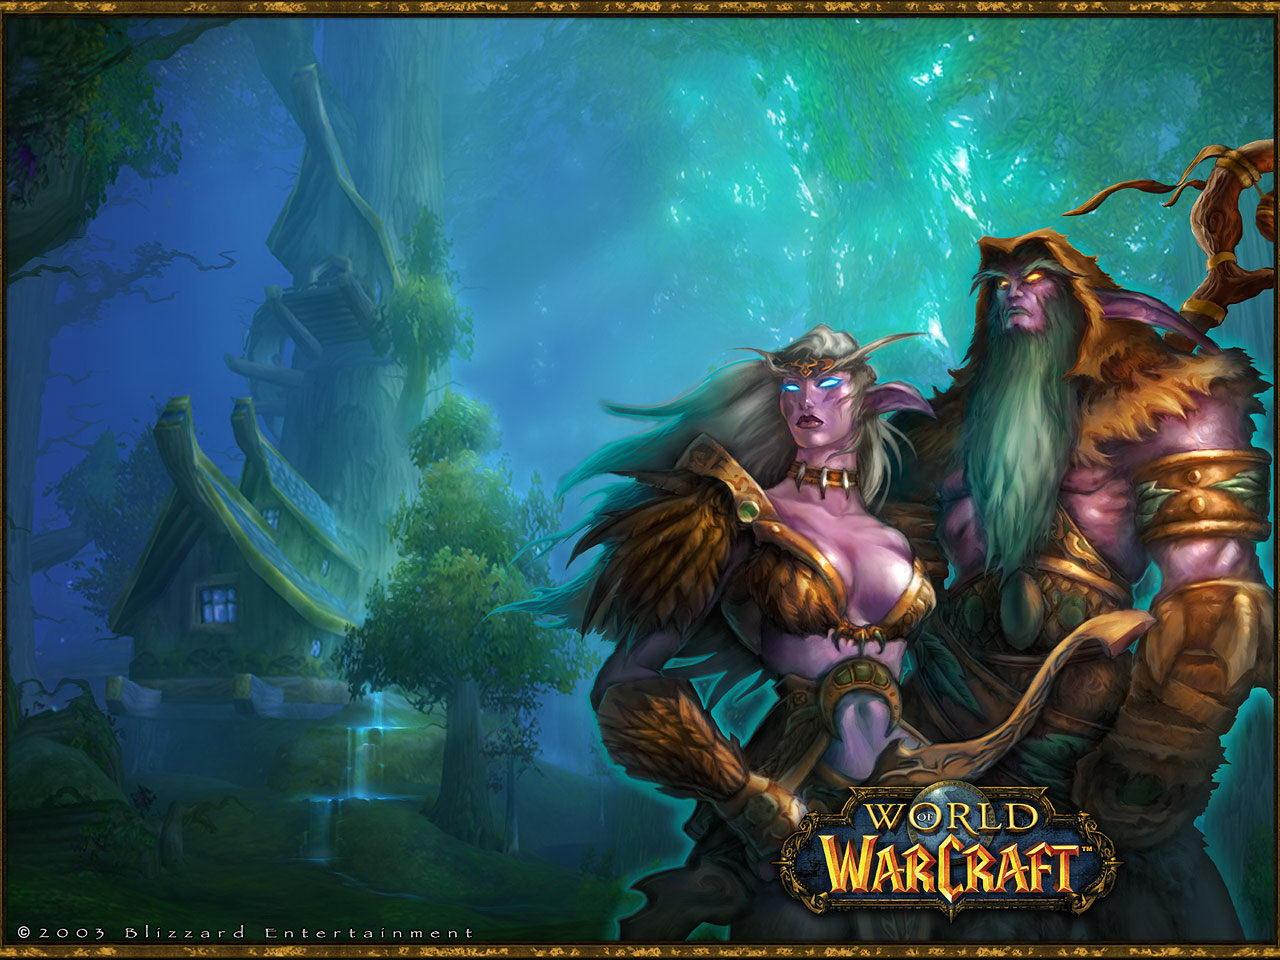 elves world warcraft wallpaper night elves wallpaper night elvesjpg 1280x960